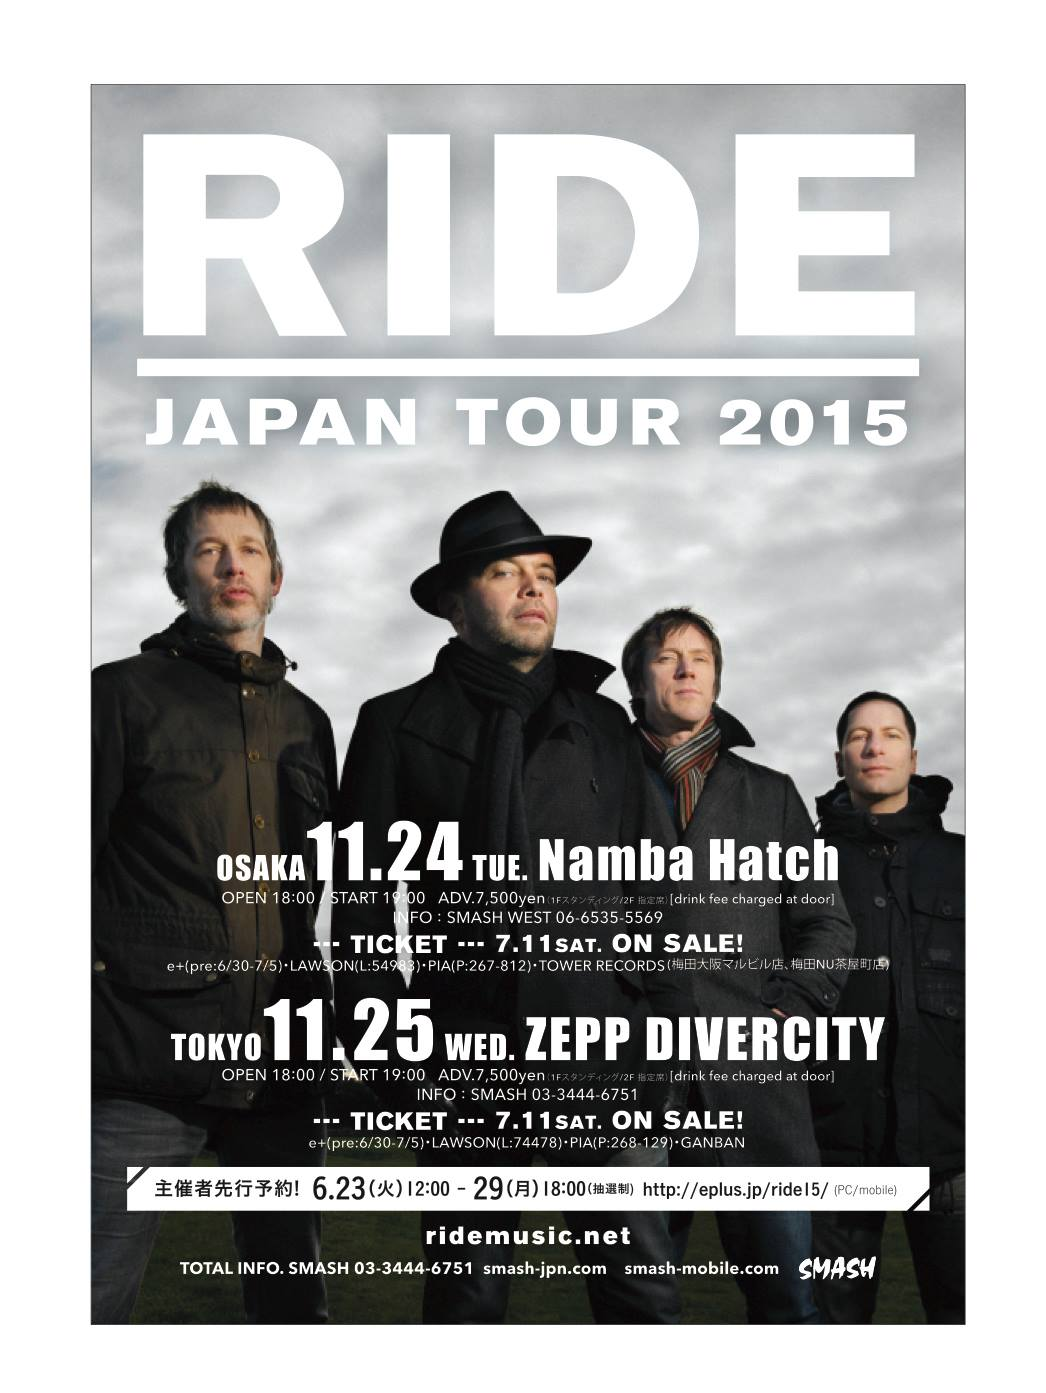 Japan tour poster